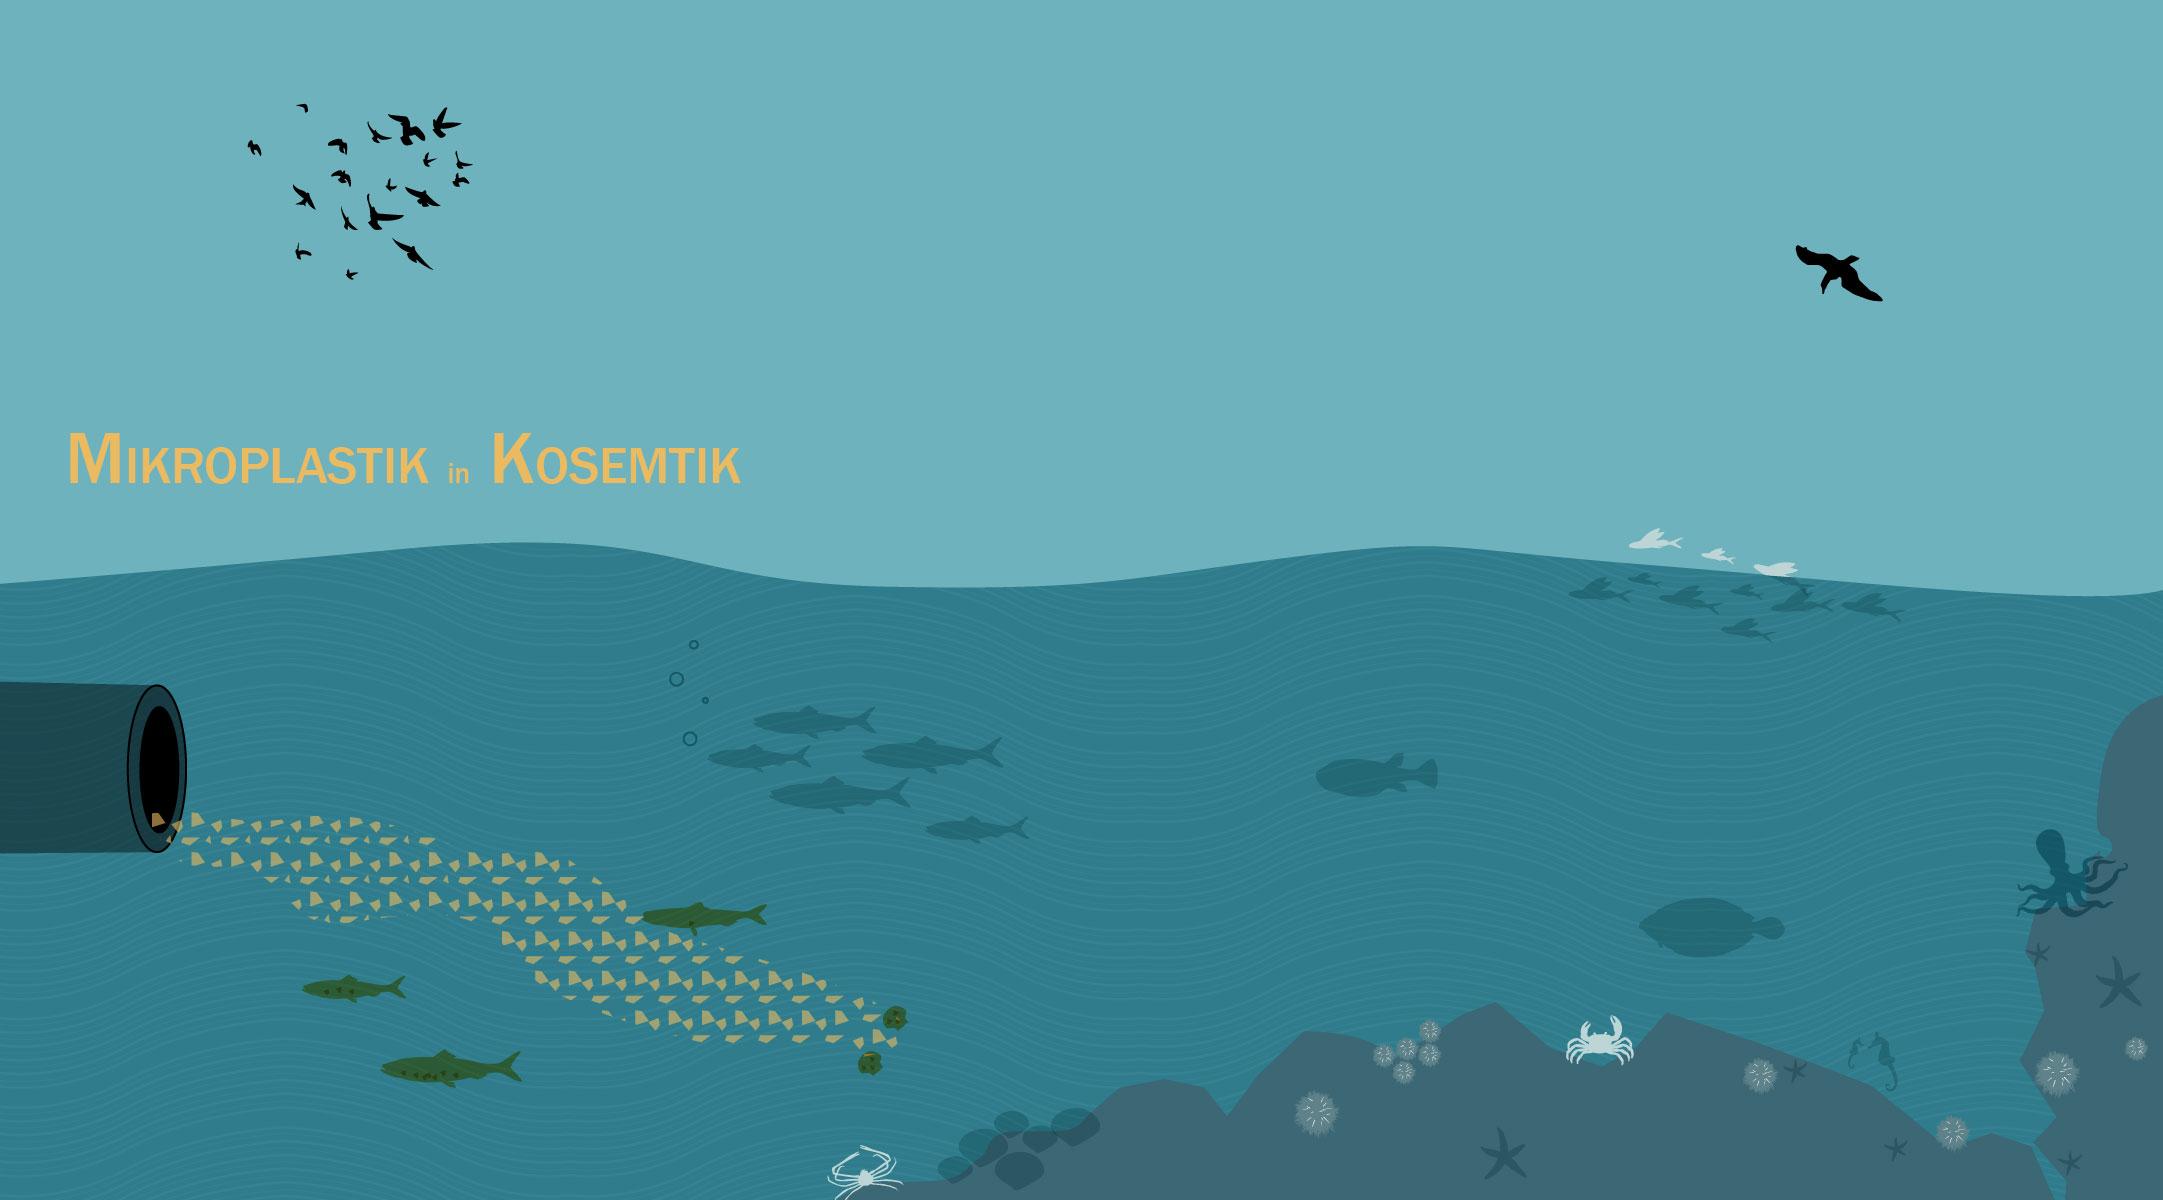 Klicks-des-monats-mai-2017-mikroplastik-hauttatsachen-das-leben-ist-schoen